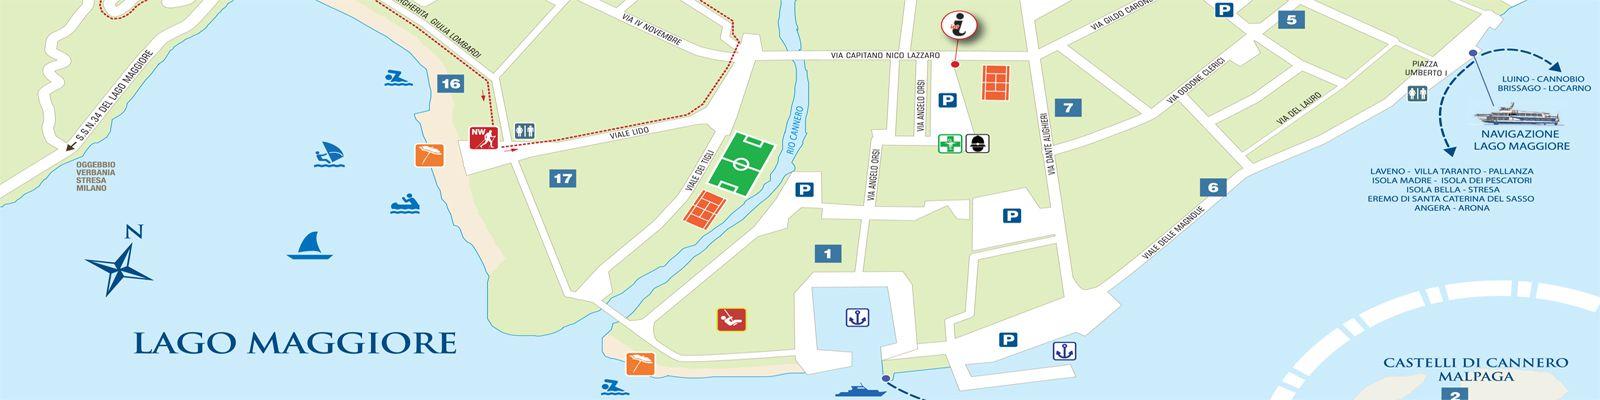 Verbania Lago Maggiore Karte.Neue Lago Maggiore Touristenkarten In Vier Sprachen